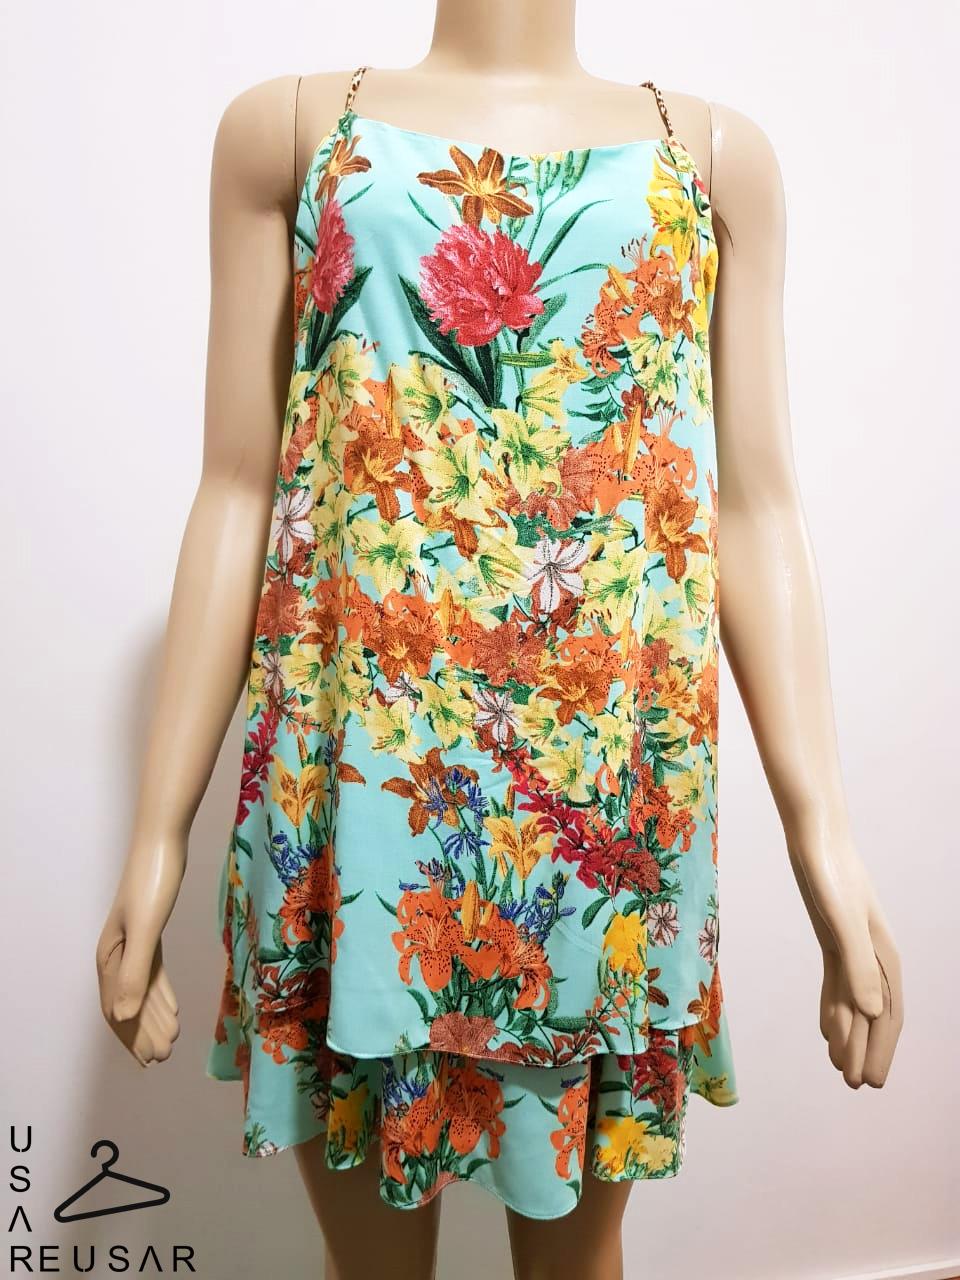 Manequim com vestido floral e alça de oncinha.